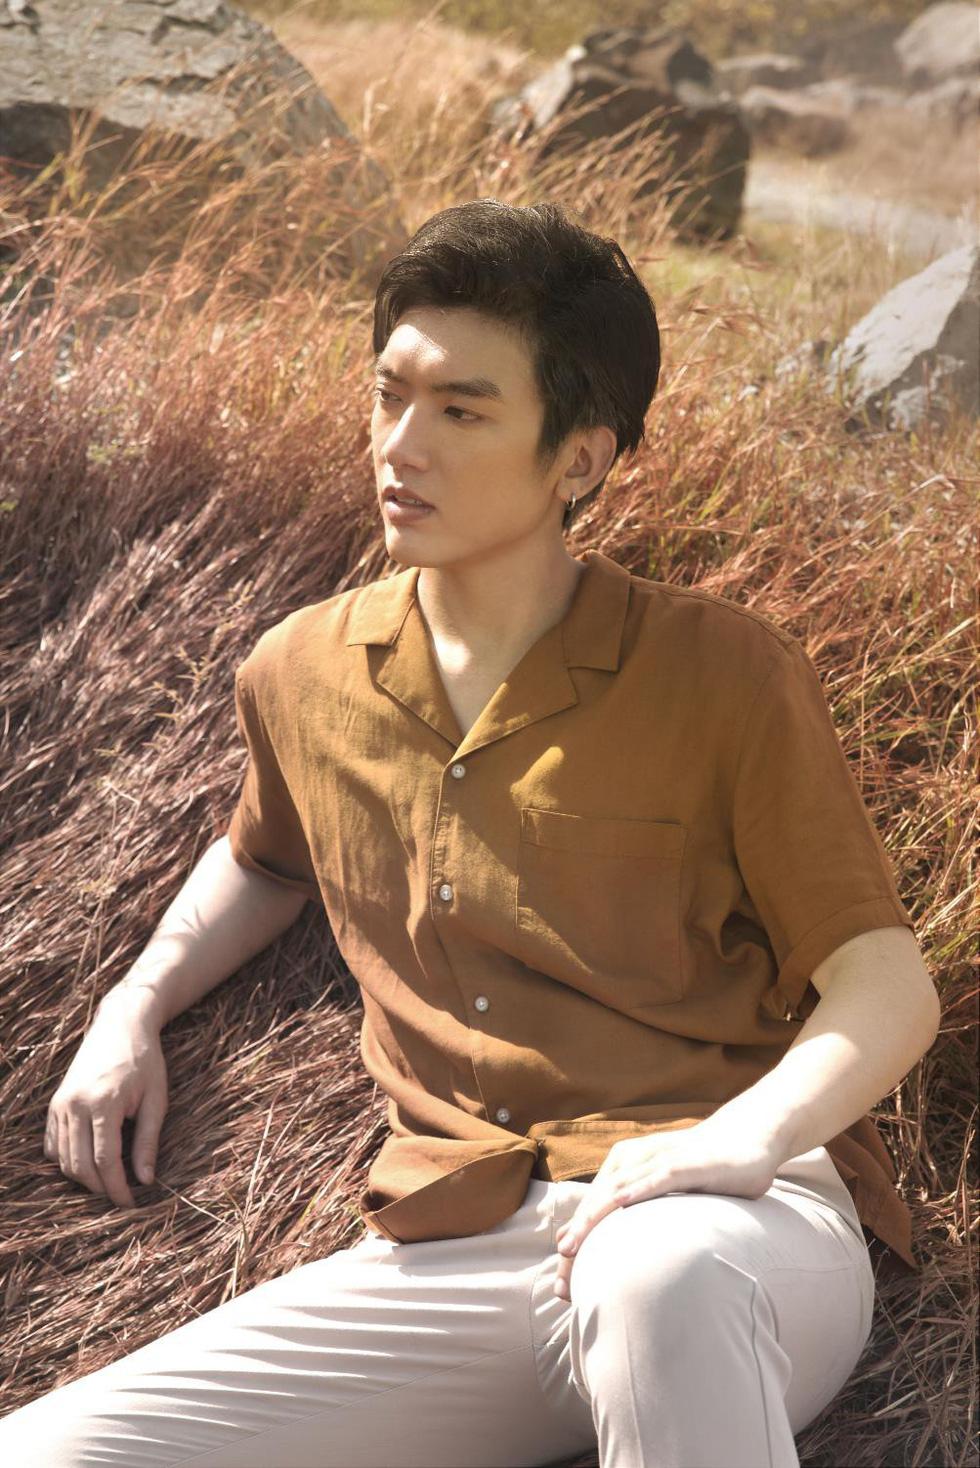 Brian Trần giới thiệu phong cách tối giản của The simple life - Ảnh 3.